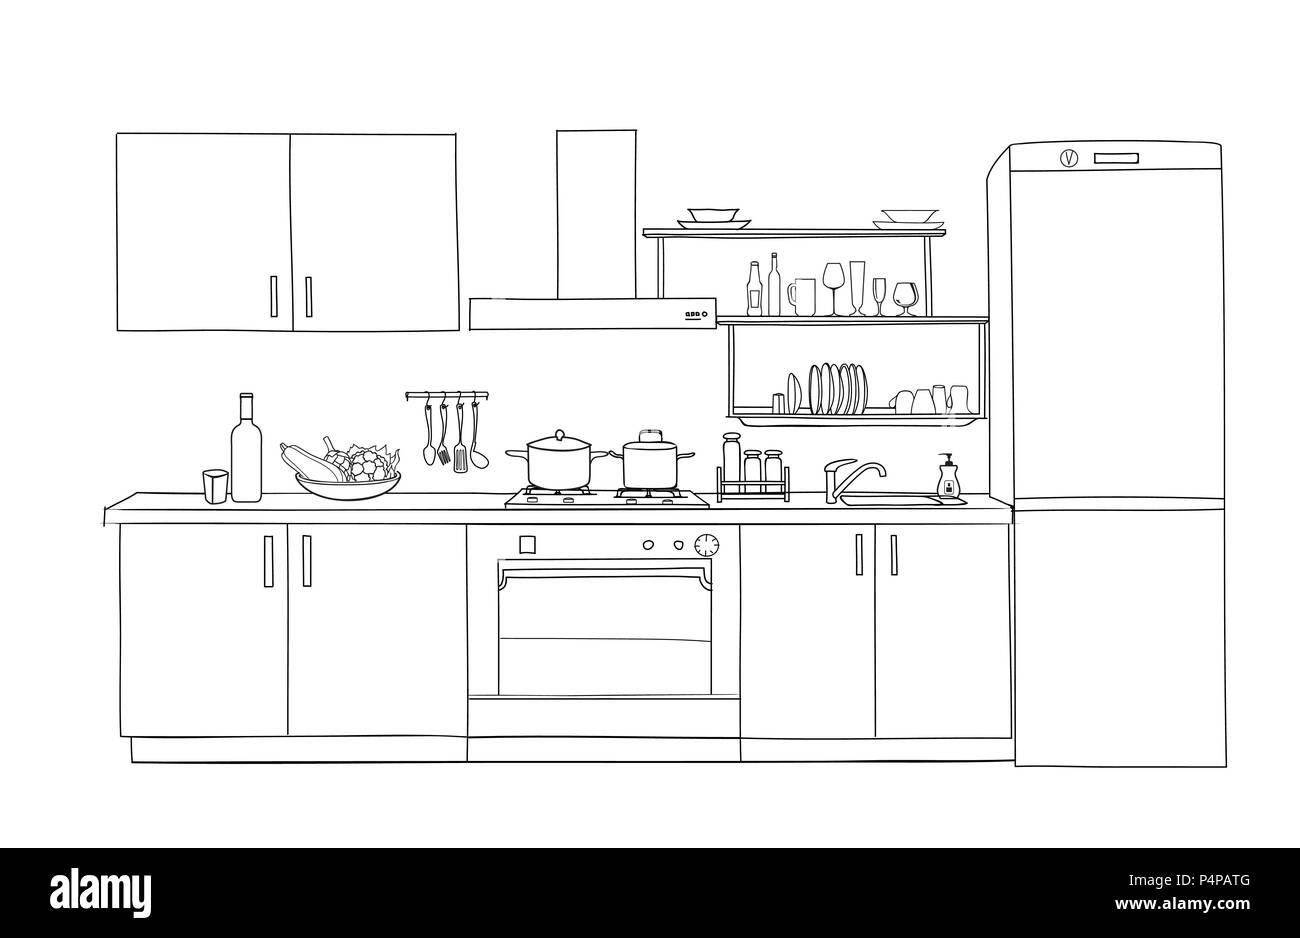 Croquis De L Interieur De La Salle De Cuisine Plan Directeur Plan